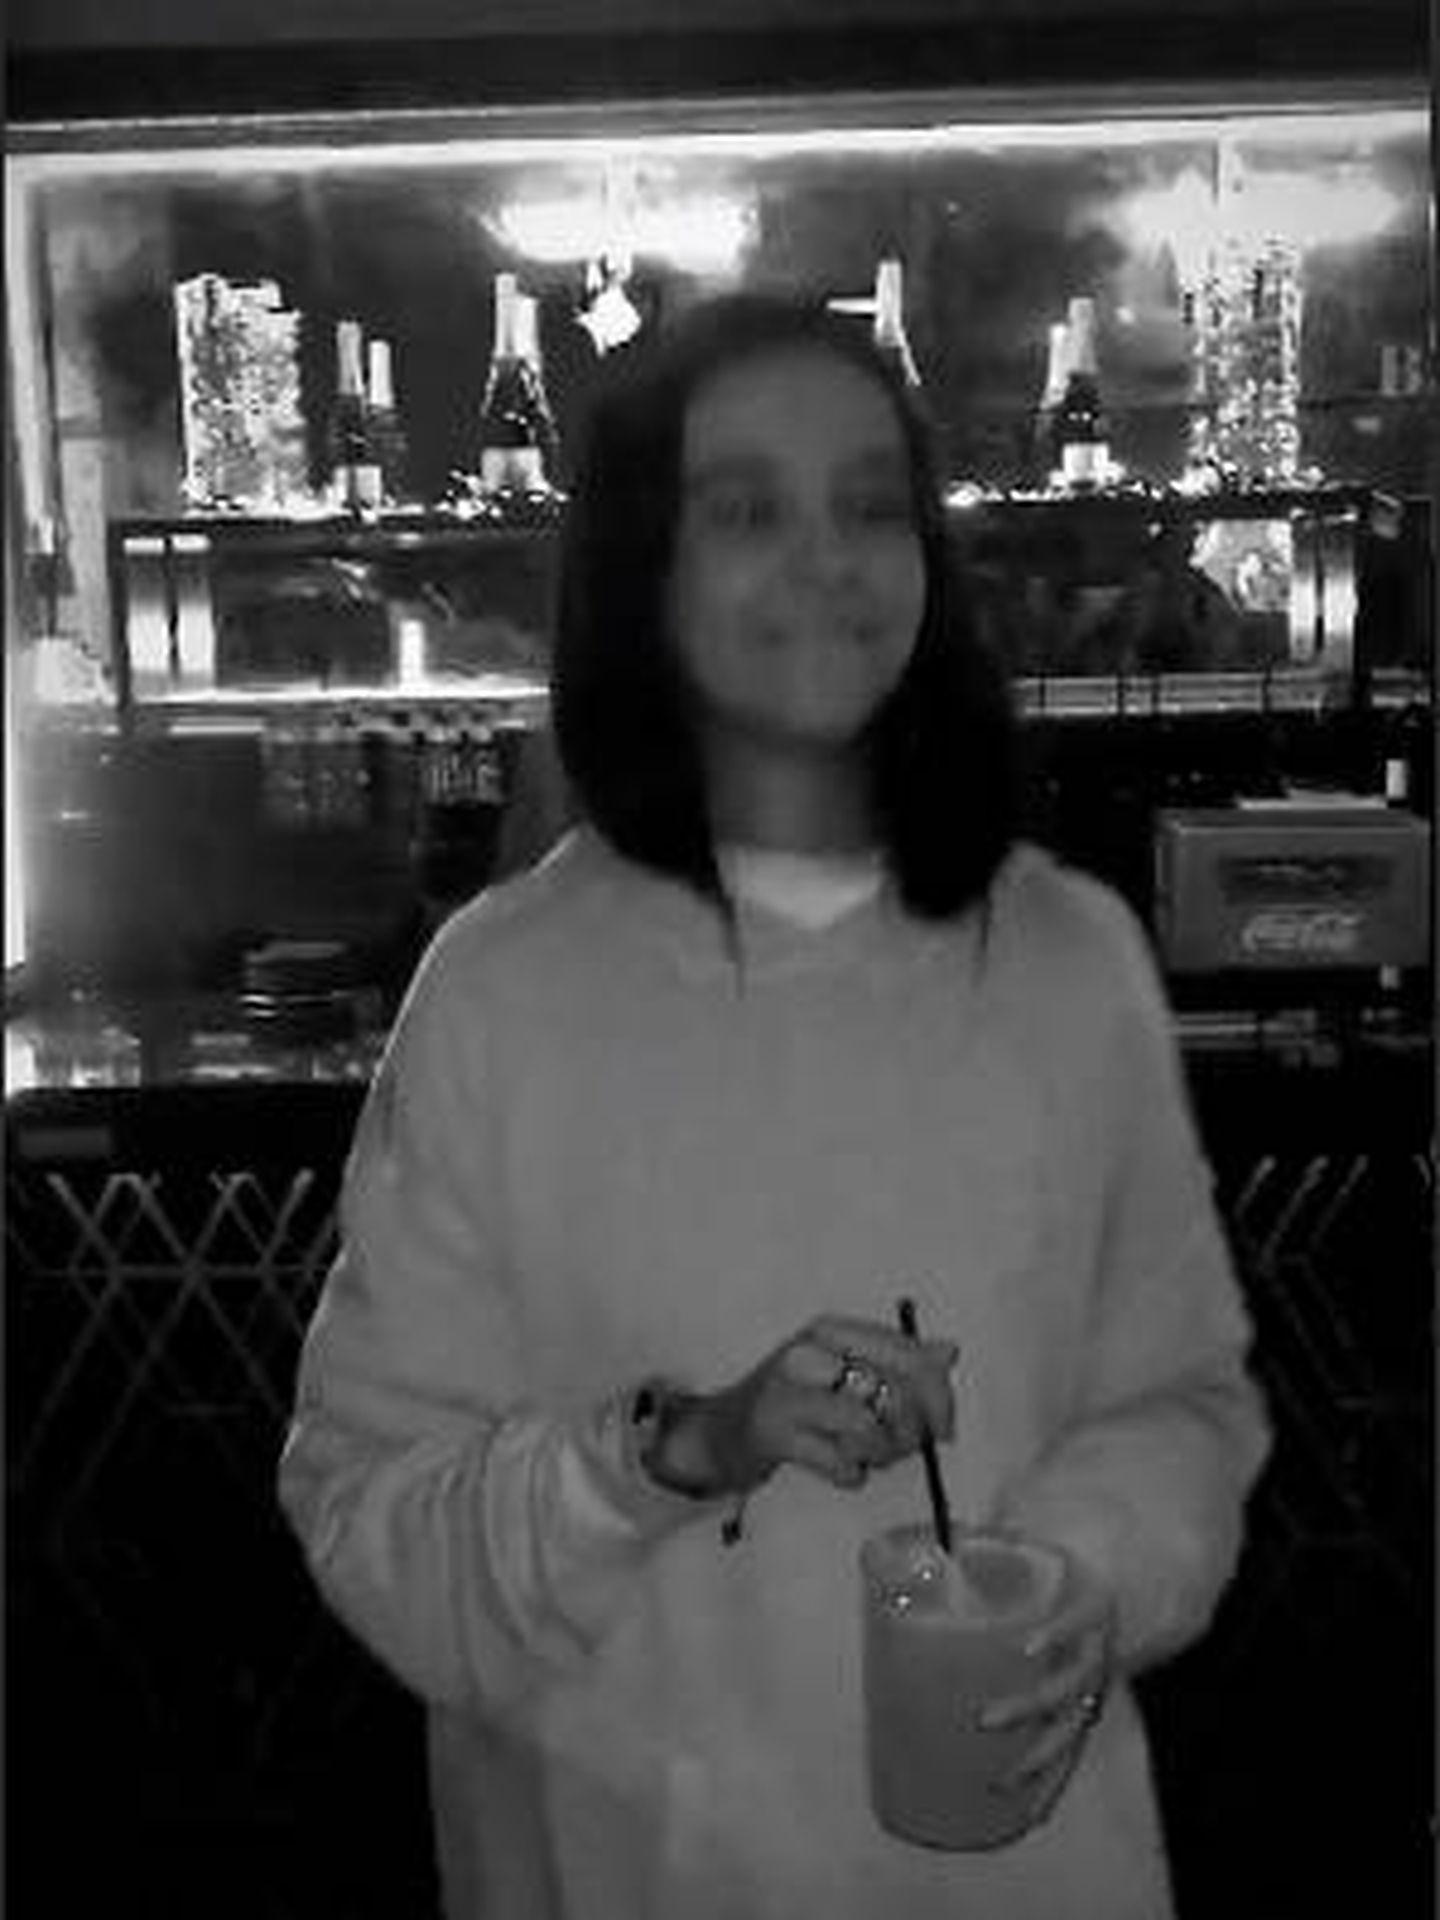 Victoria Federica de fiesta por la noche. (IG)